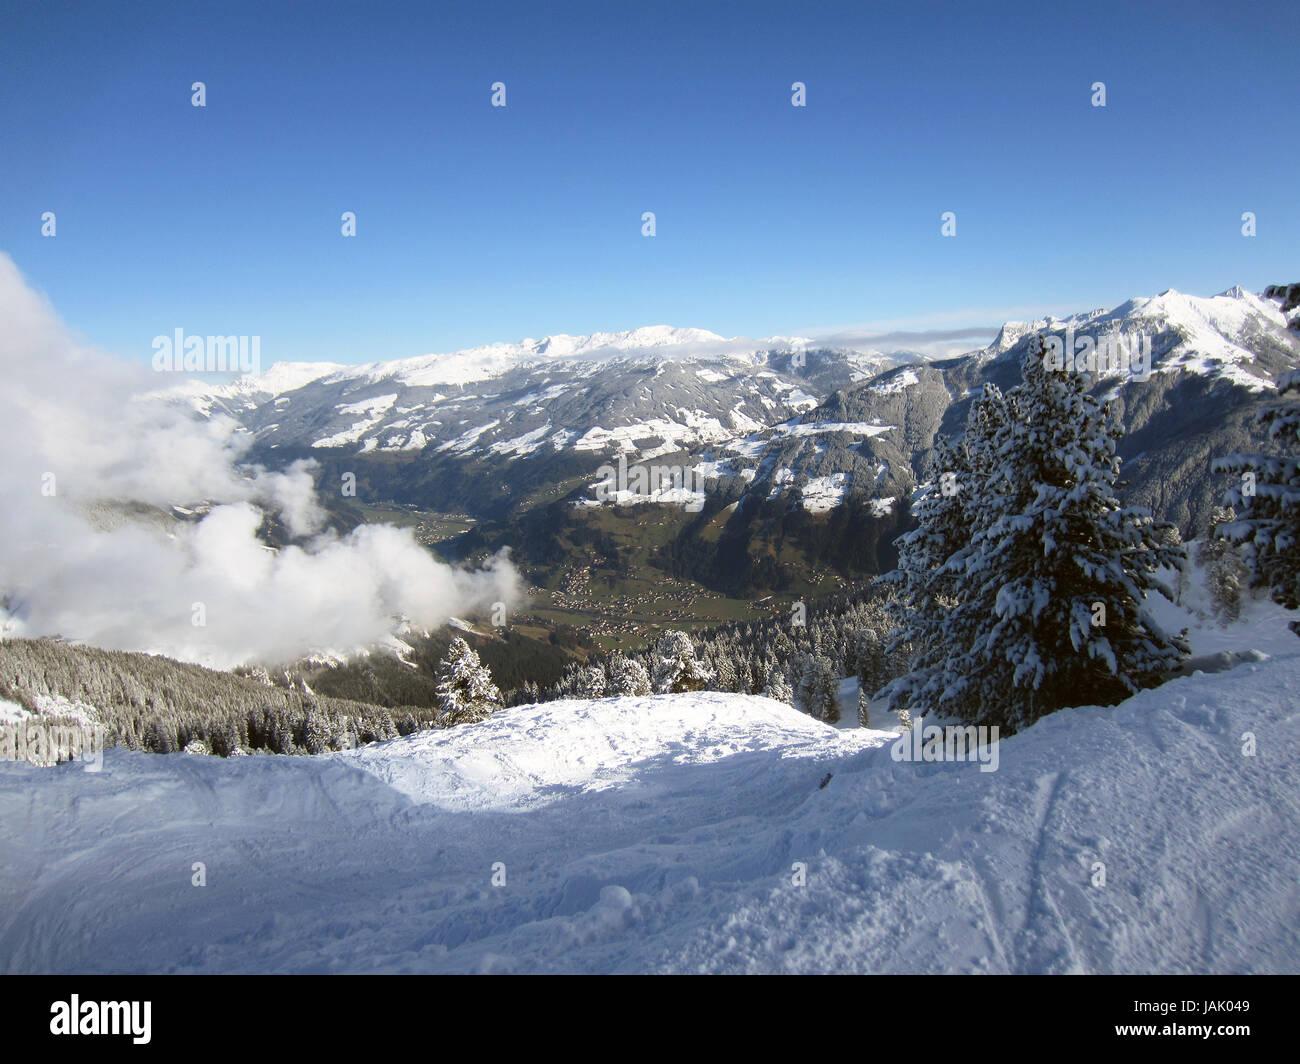 Mayrhofen / Hippach im Zillertal - Events | Facebook